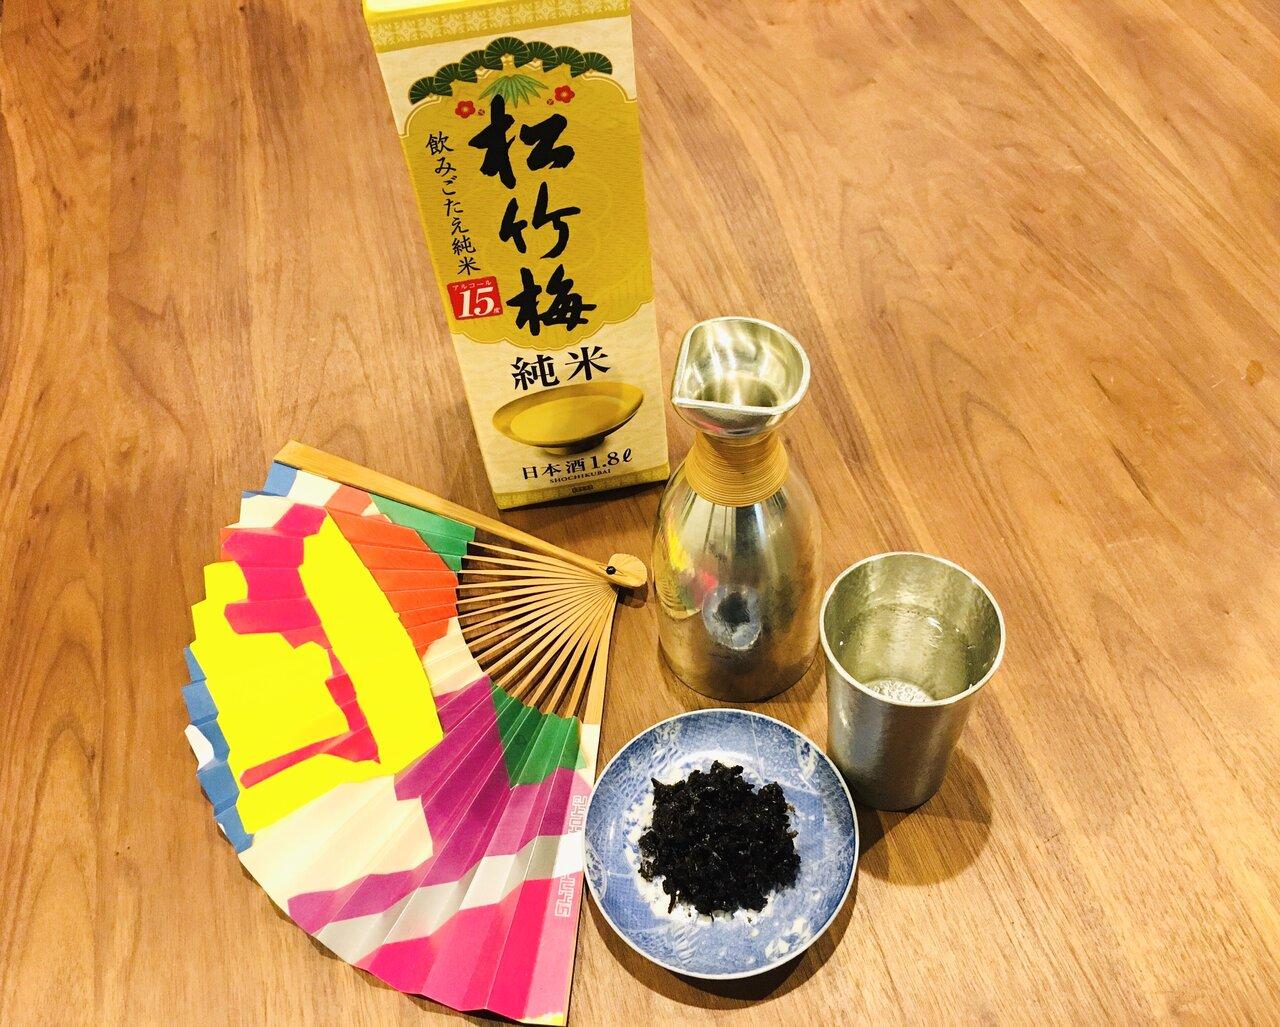 「鞍馬の火祭」を思いながら、京都の老舗扇子屋の主人が家呑みする噺